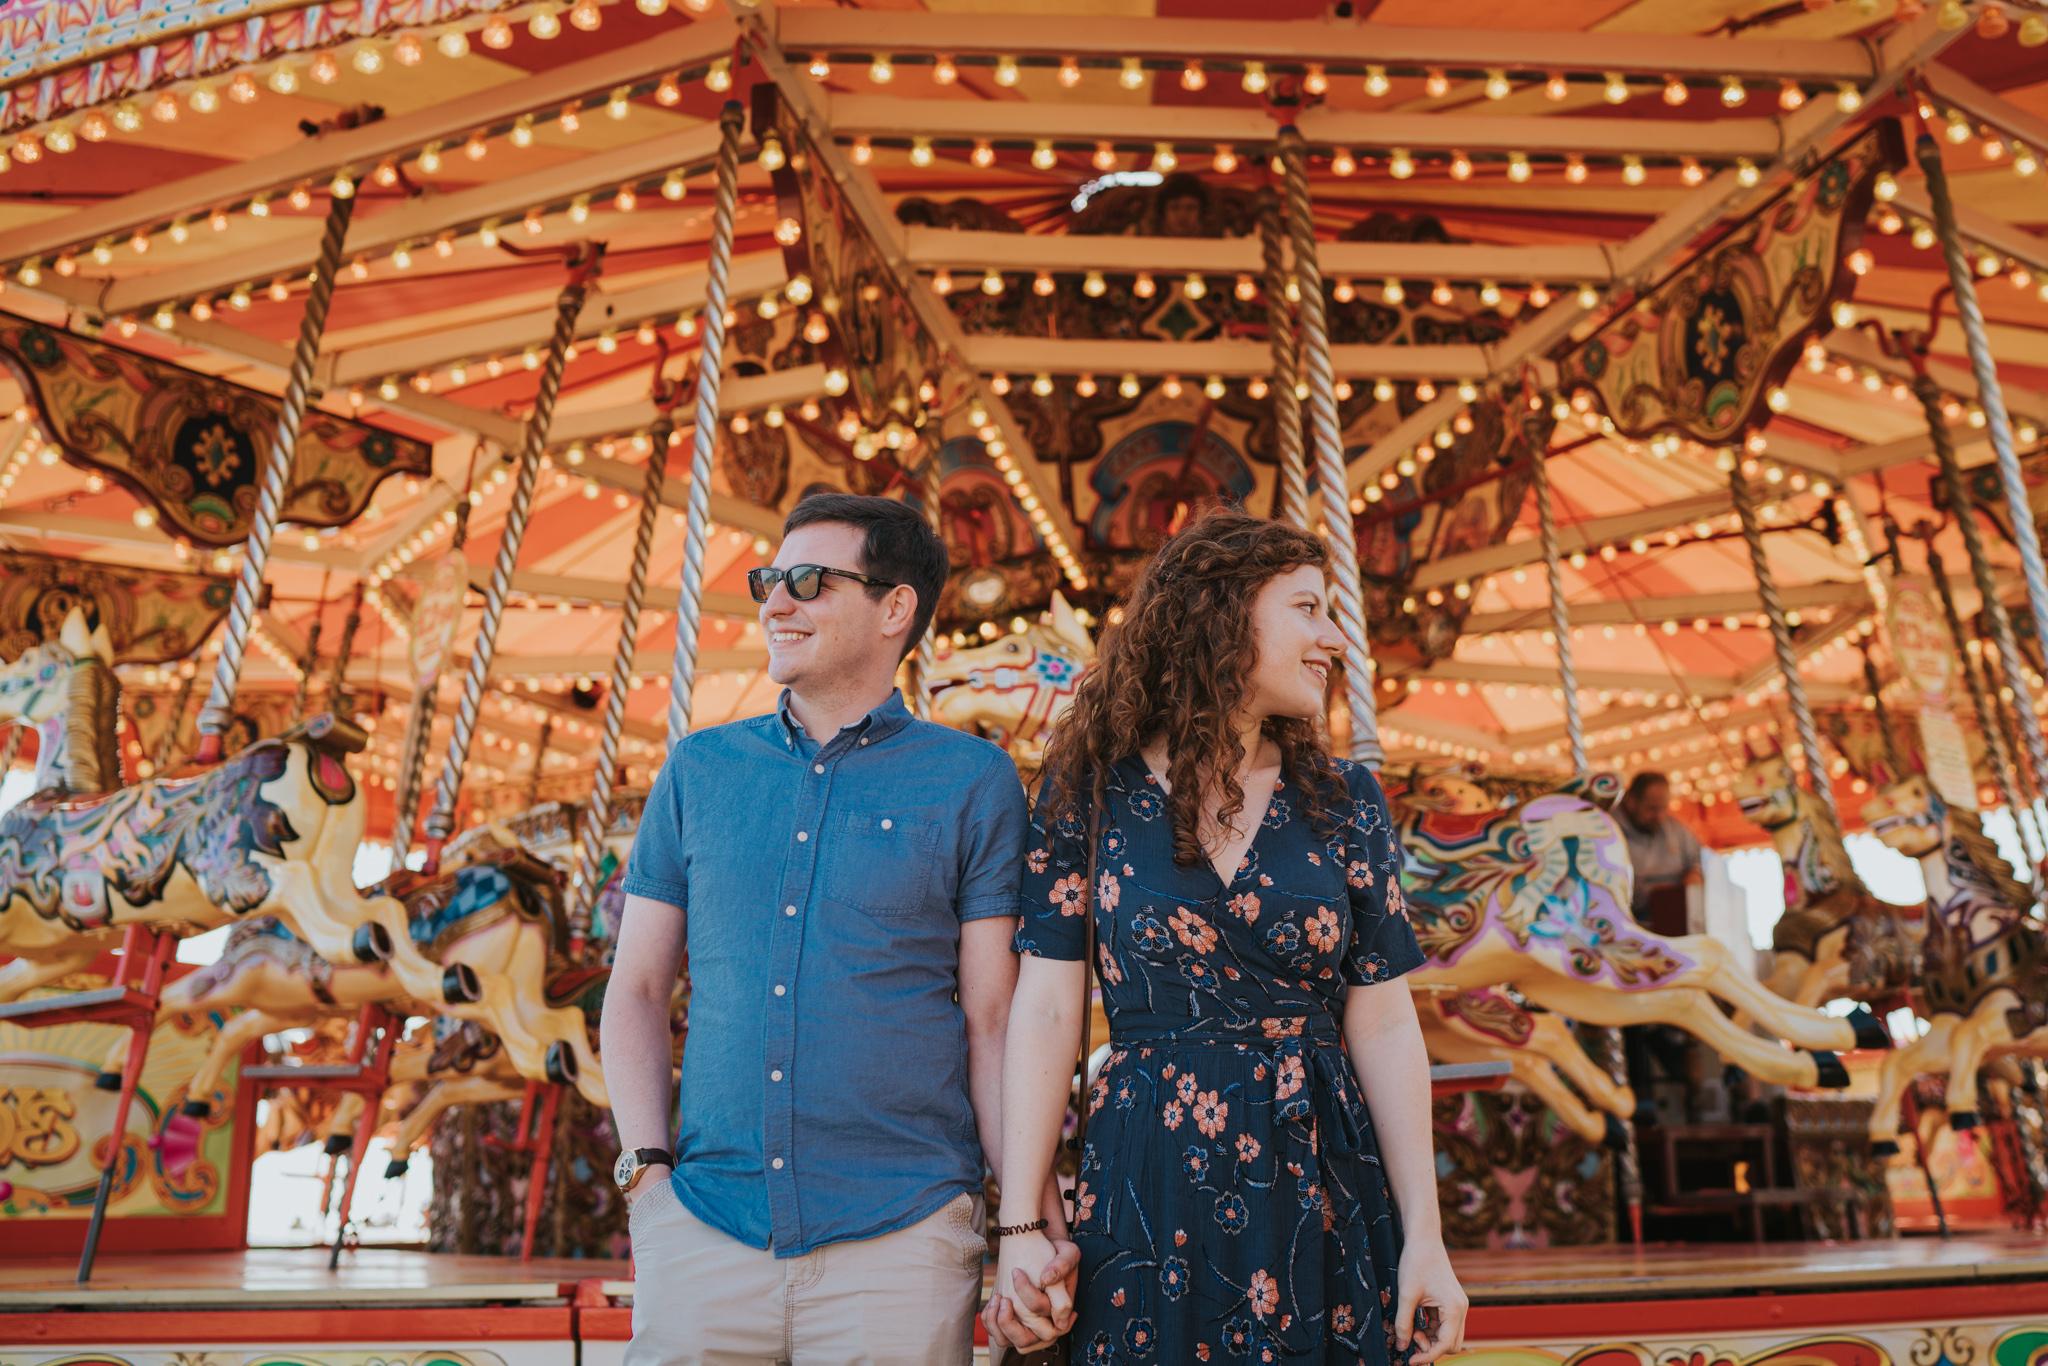 philippa-mark-pre-wedding-session-brighton-pier-colchester-grace-elizabeth-colchester-essex-alternative-wedding-lifestyle-photographer-essex-suffolk-norfolk-devon-1.jpg